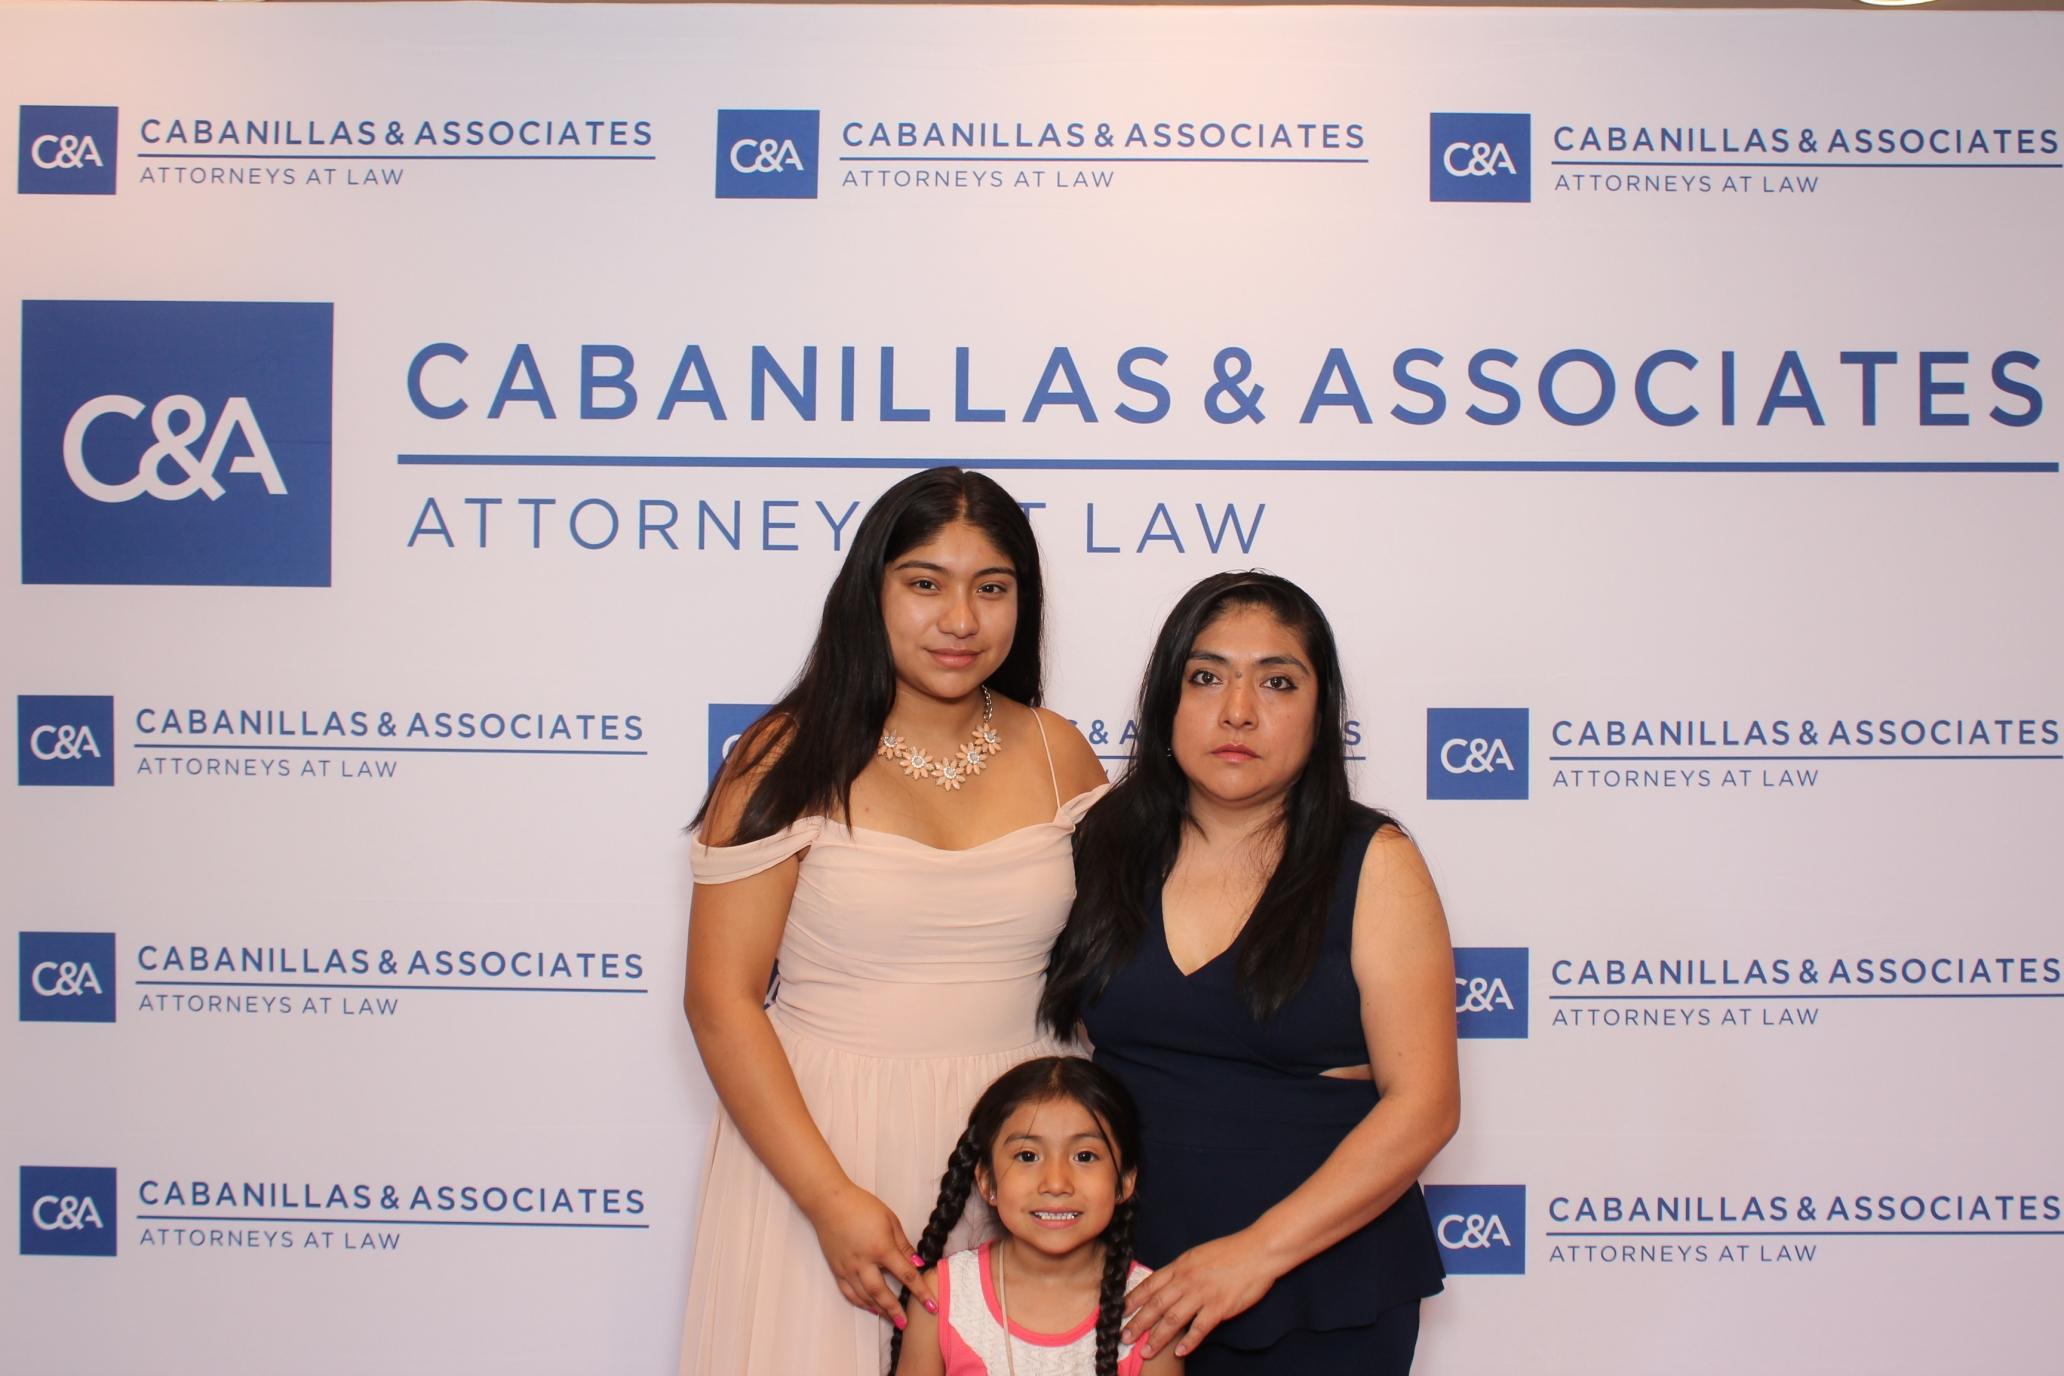 Cabanillas2018_2018-06-14_18-32-25.jpg